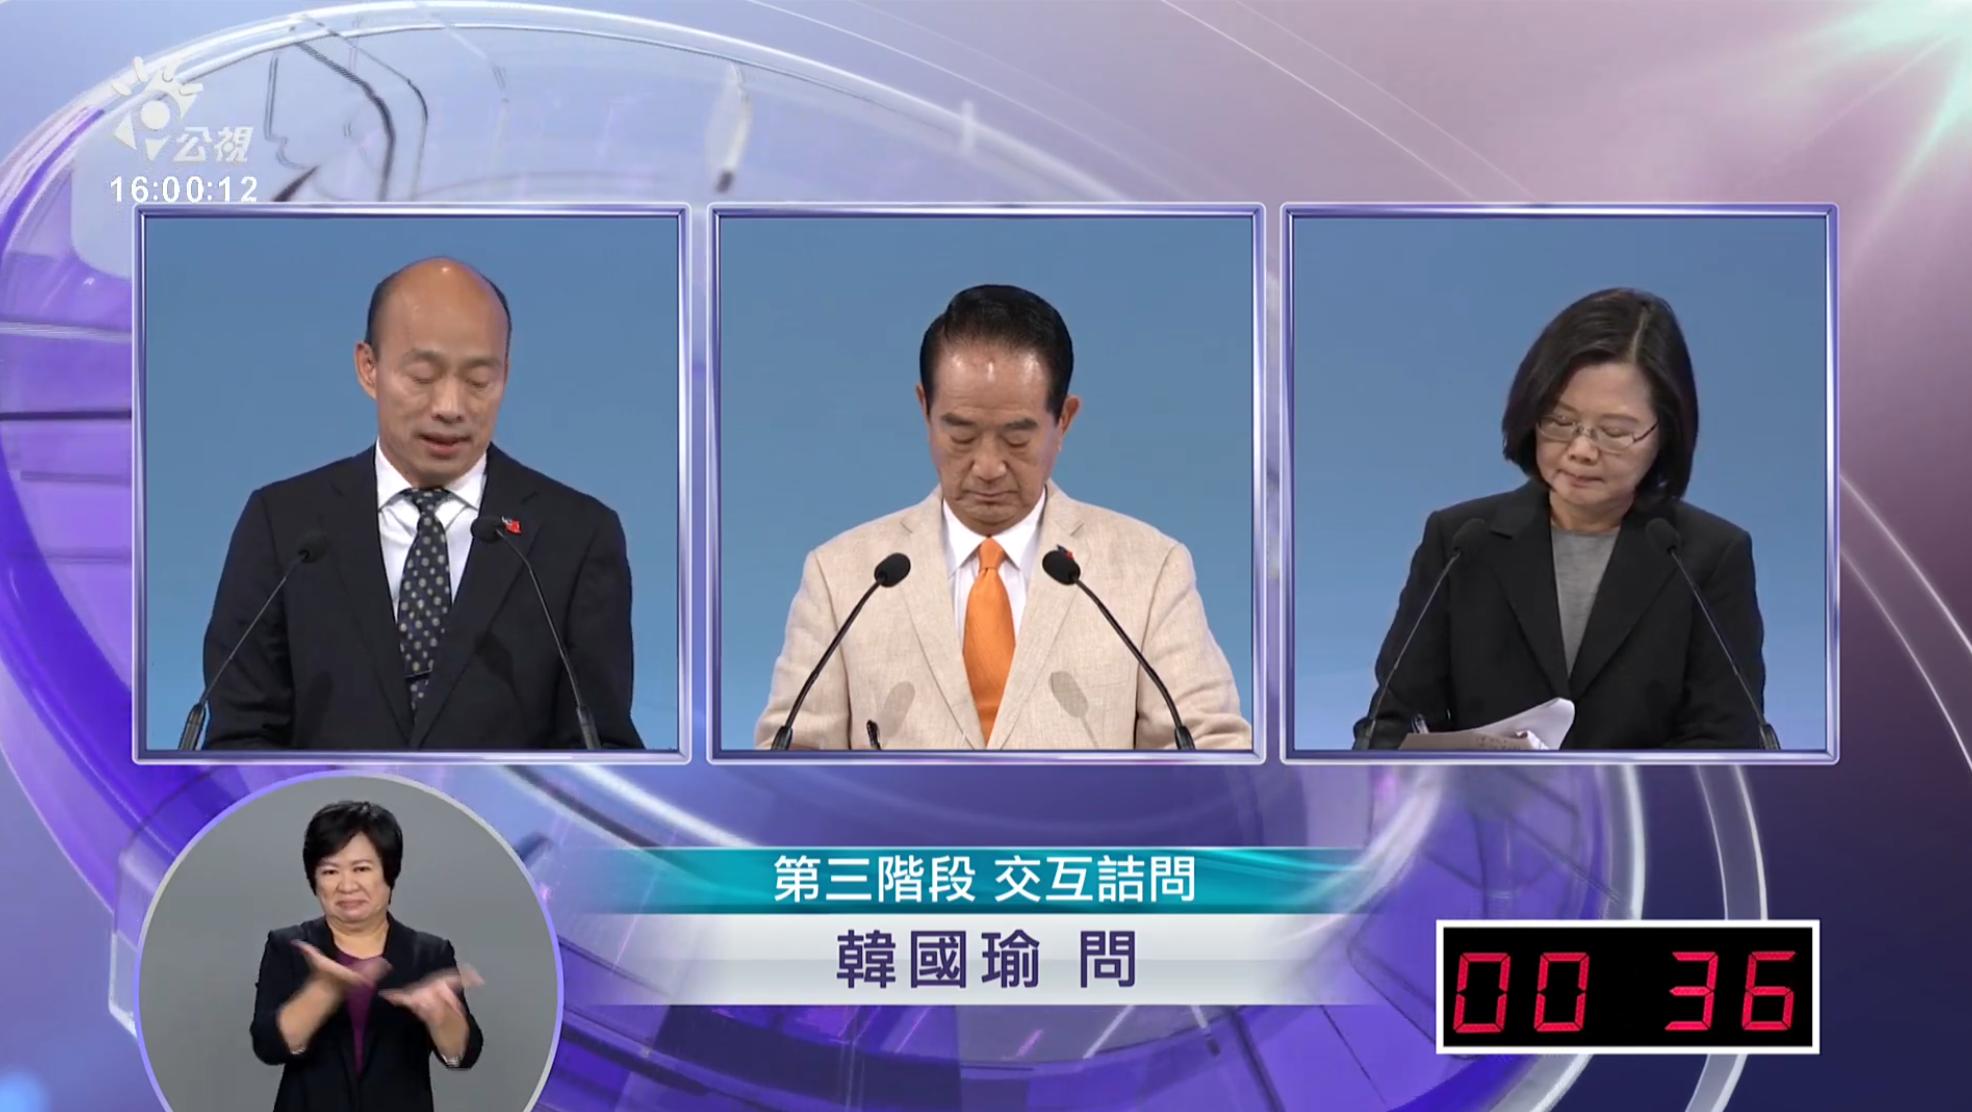 2020總統大選電視辯論會,誰表現最好?